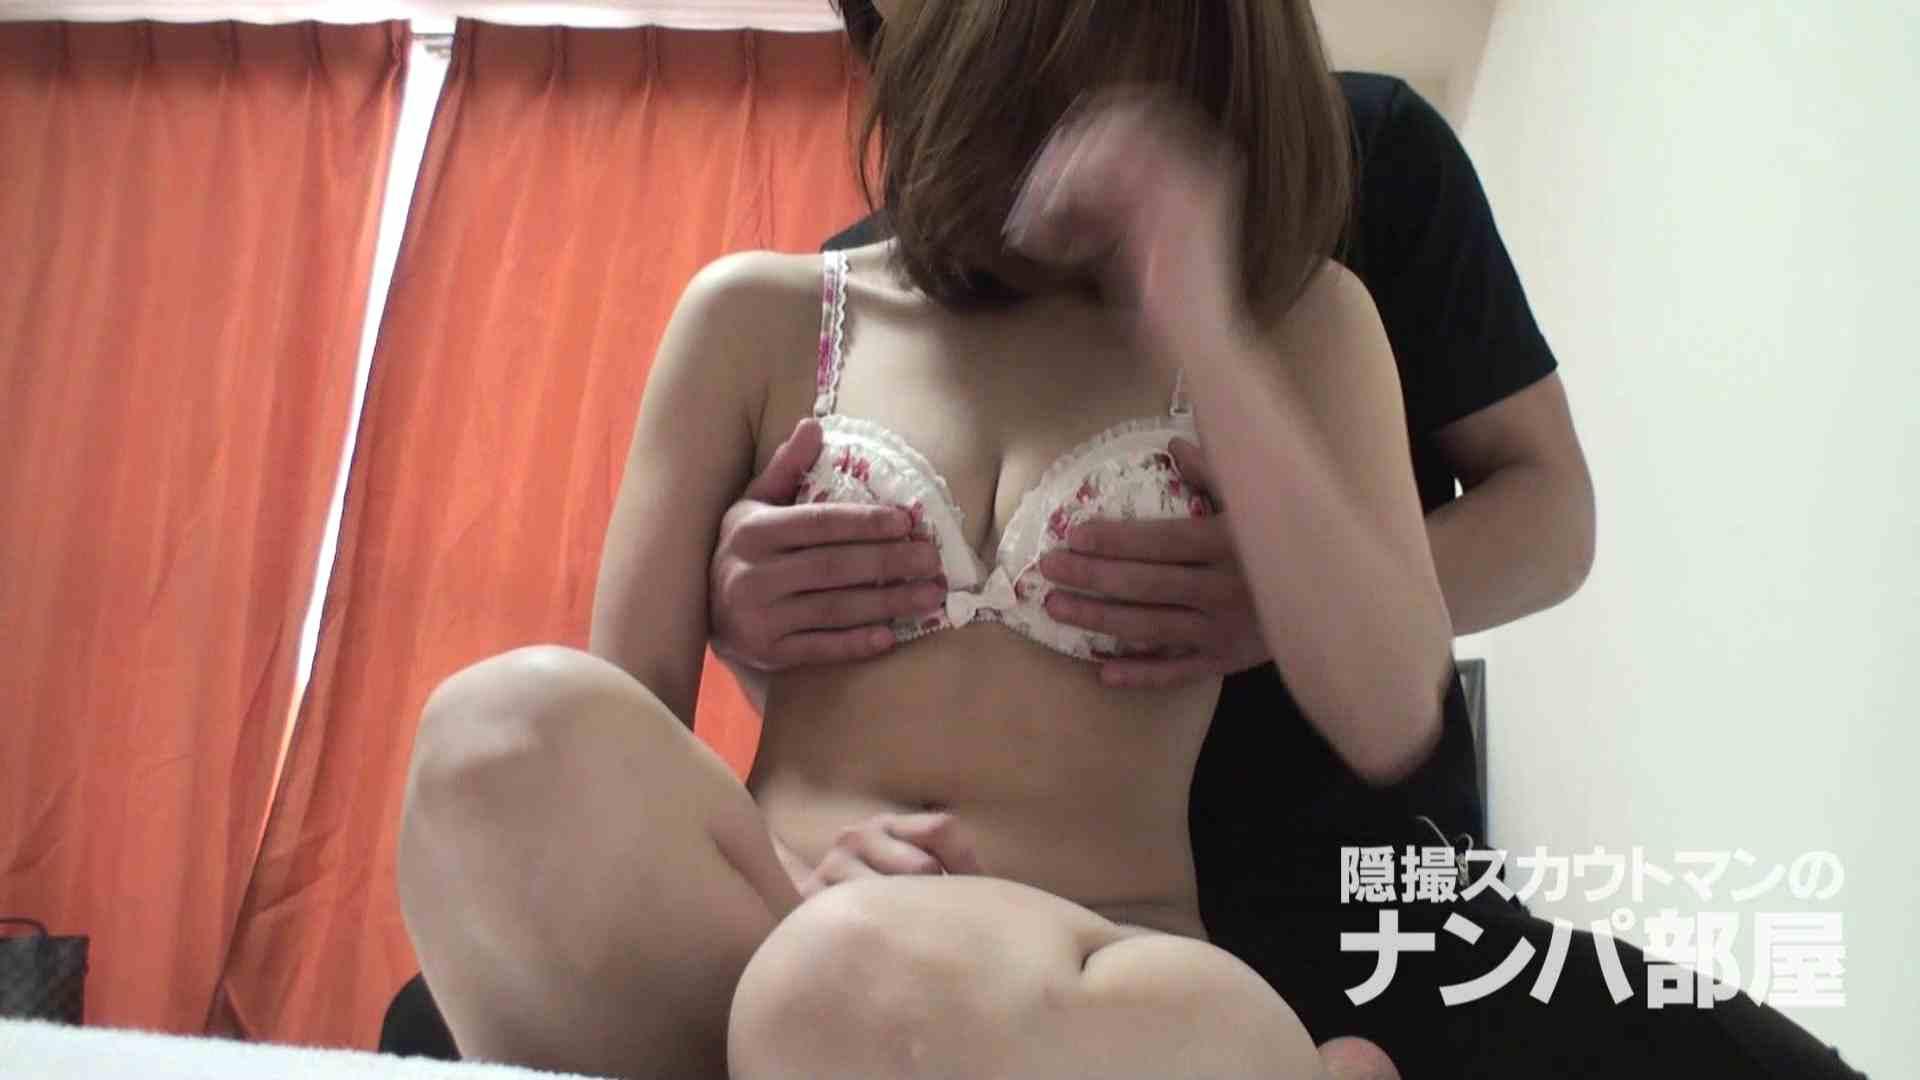 隠撮スカウトマンのナンパ部屋~風俗デビュー前のつまみ食い~ siivol.2 脱衣所   隠撮  11連発 9